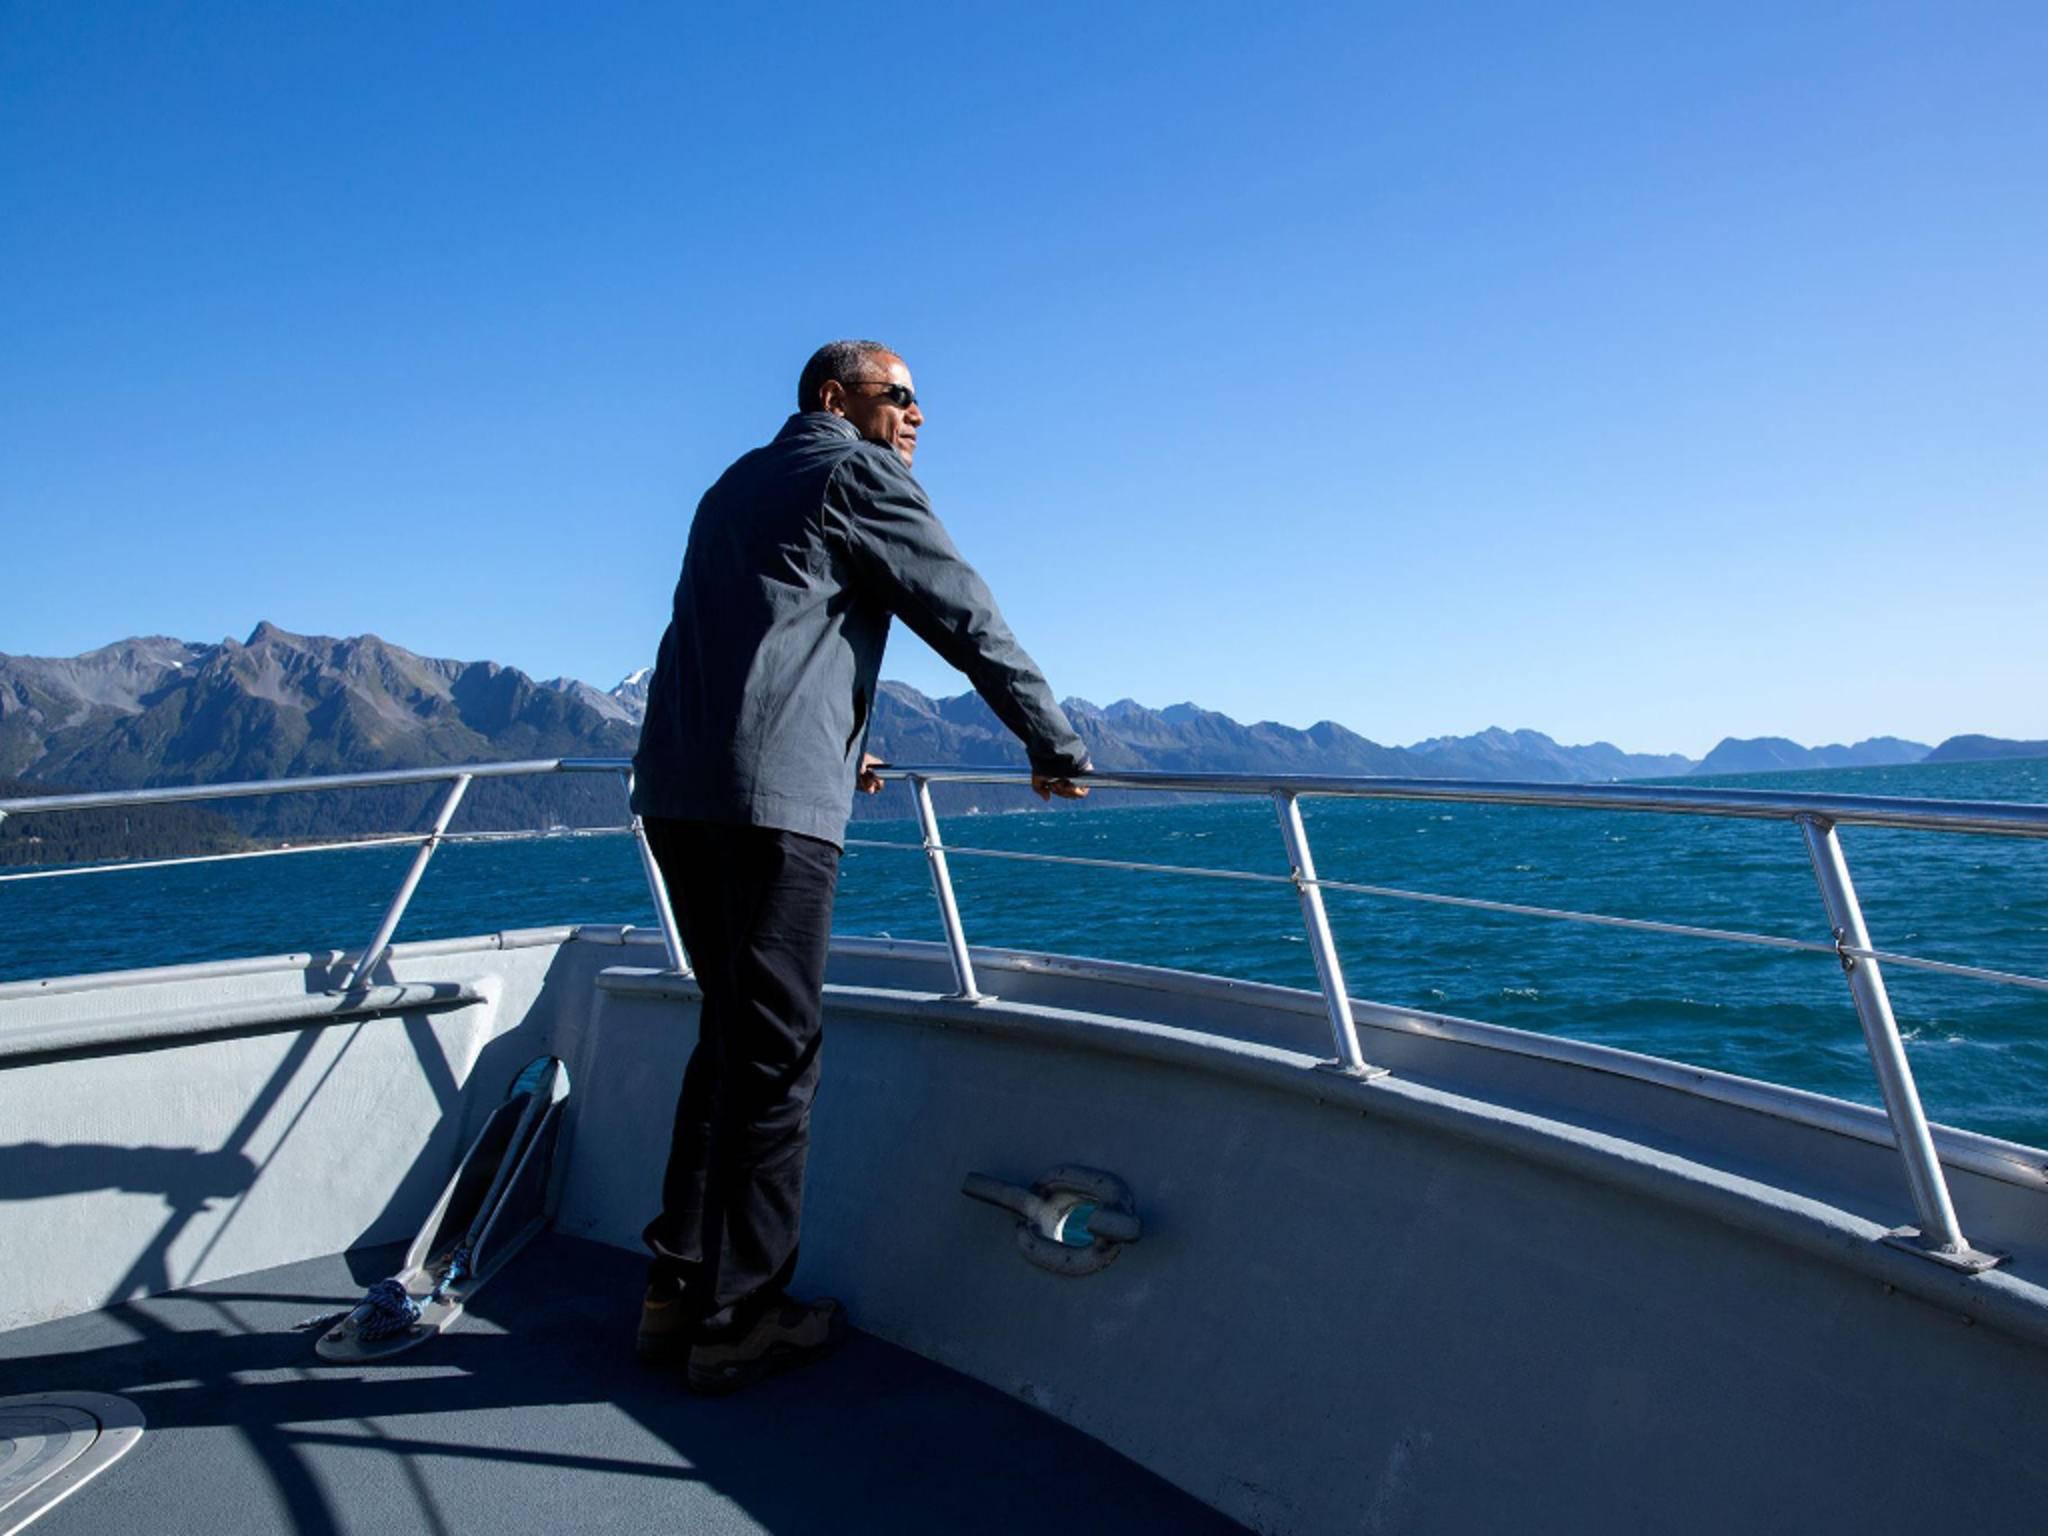 Eines der ersten Fotos auf Obamas persönlicher Facebook-Seite.